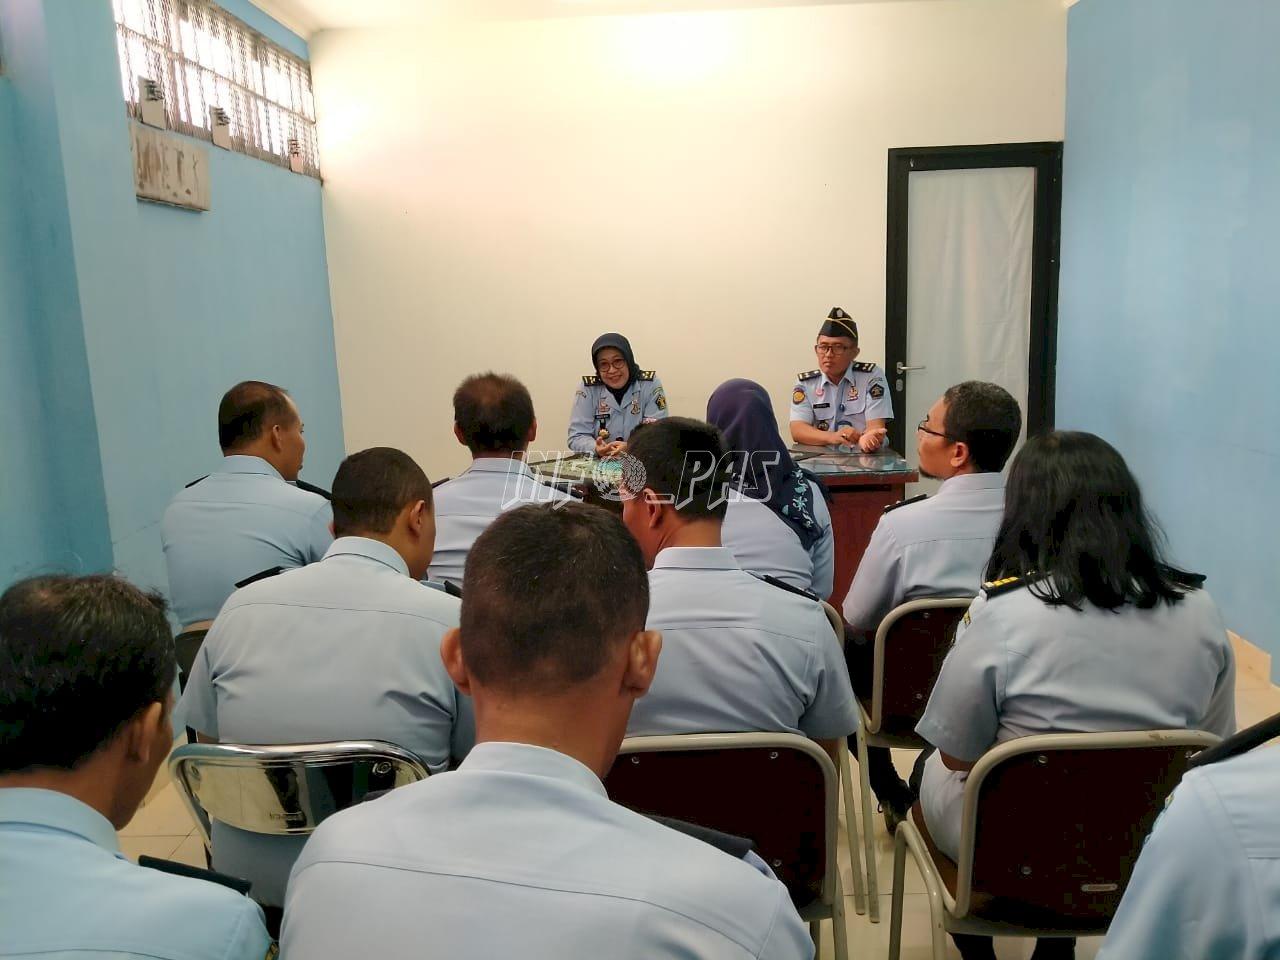 Sidak ke Lapas Narkotika Yogya, Kadiv PAS Monev Kegiatan Rehabilitasi